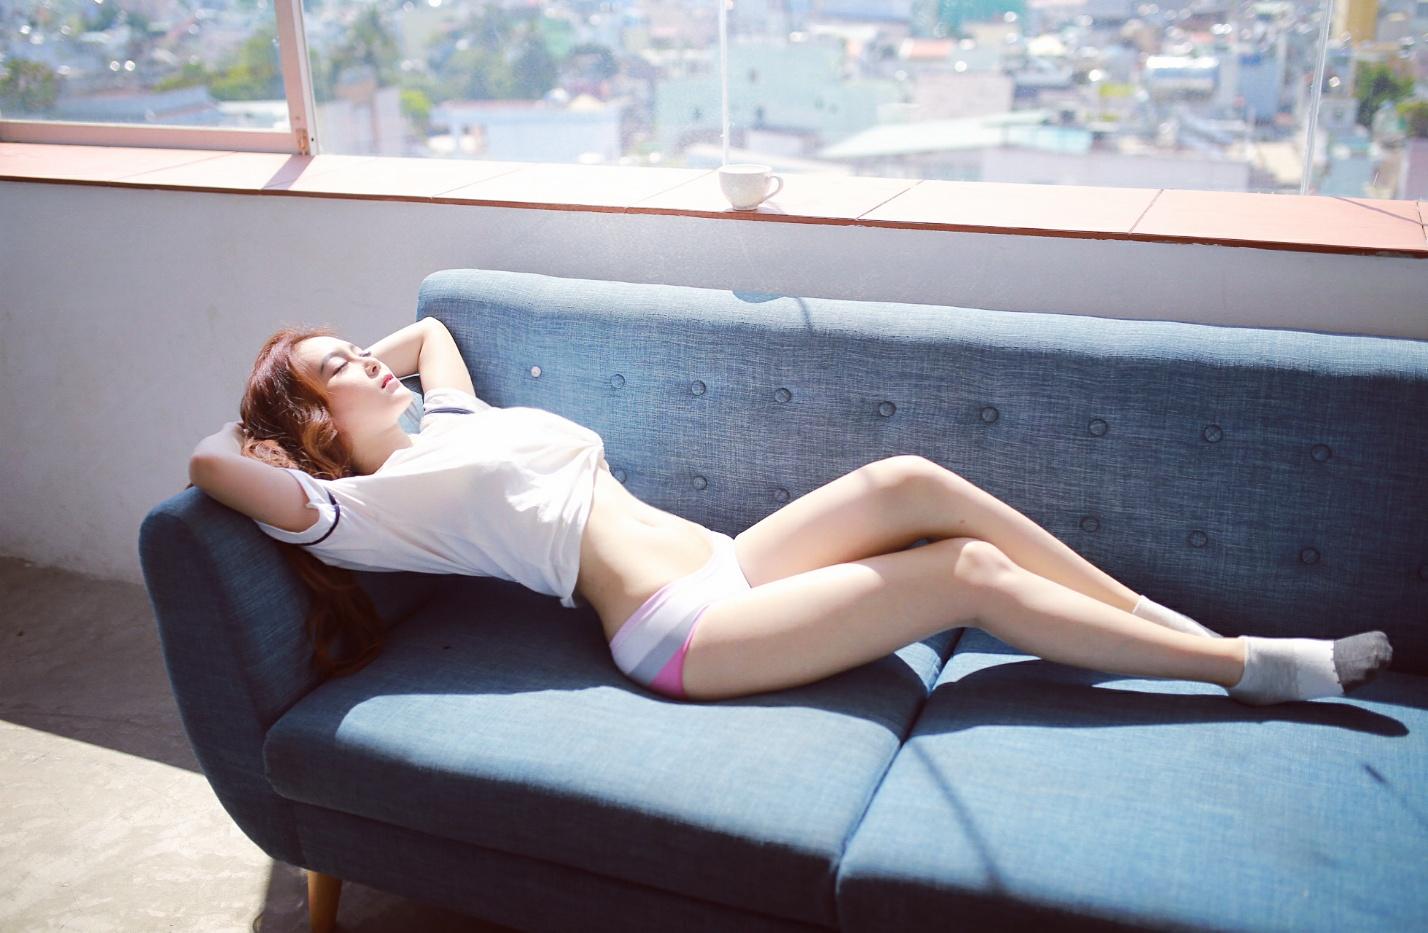 Trân Trần – Vietnamese Hot Girl 8